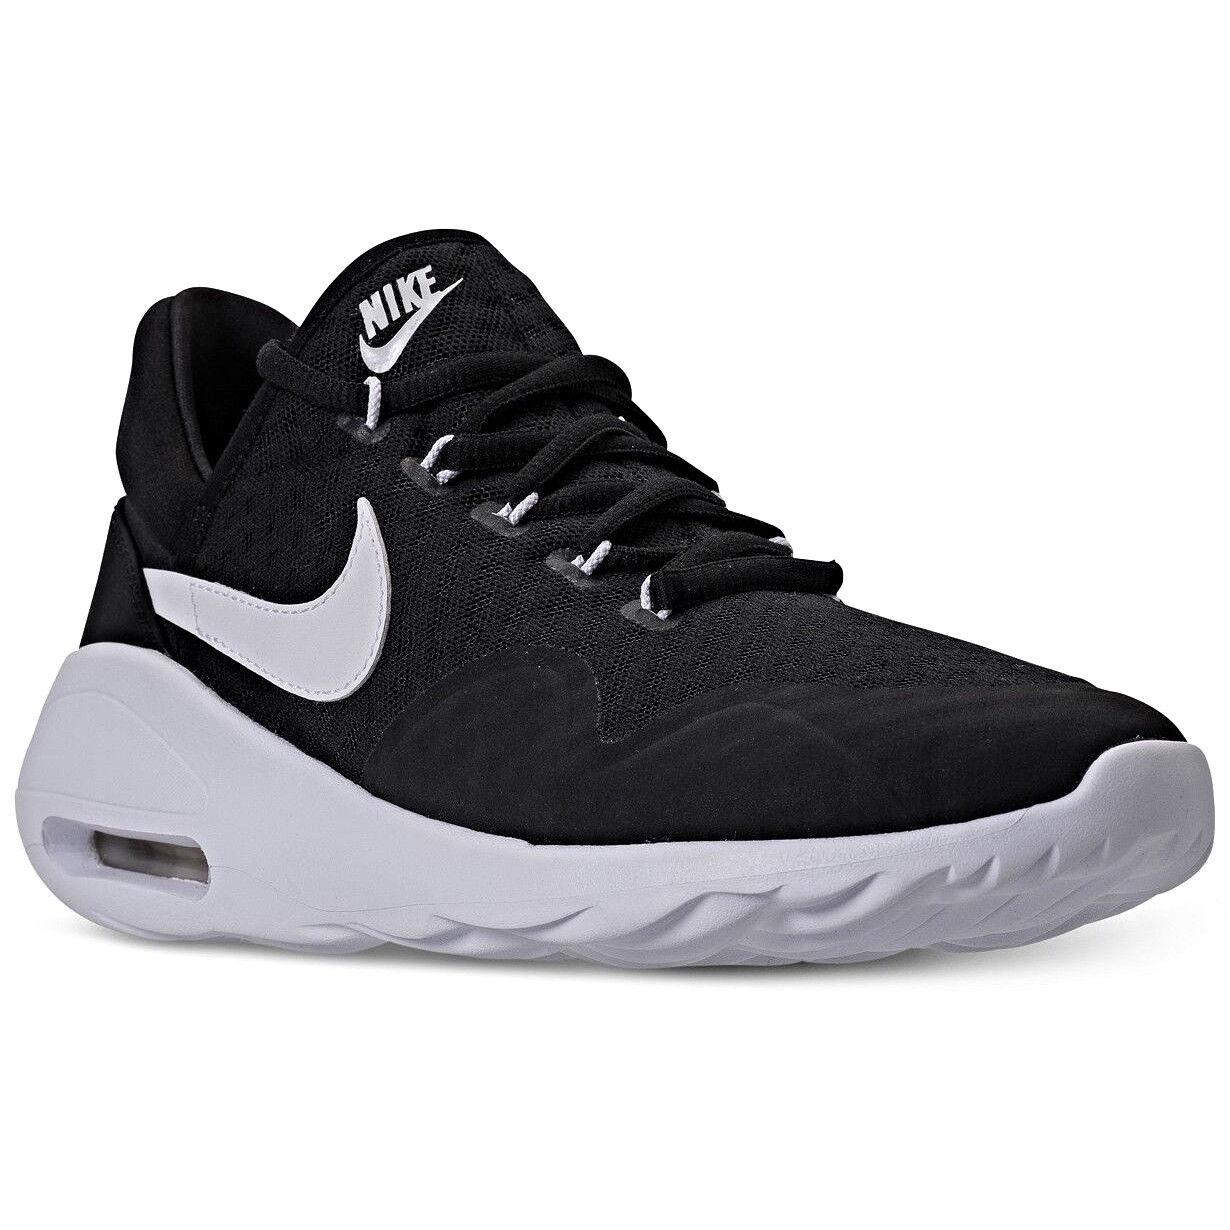 Nike donna Athletic scarpe da ginnastica Running scarpe Air Air Air Max Sasha nero 916783-003 cccf67